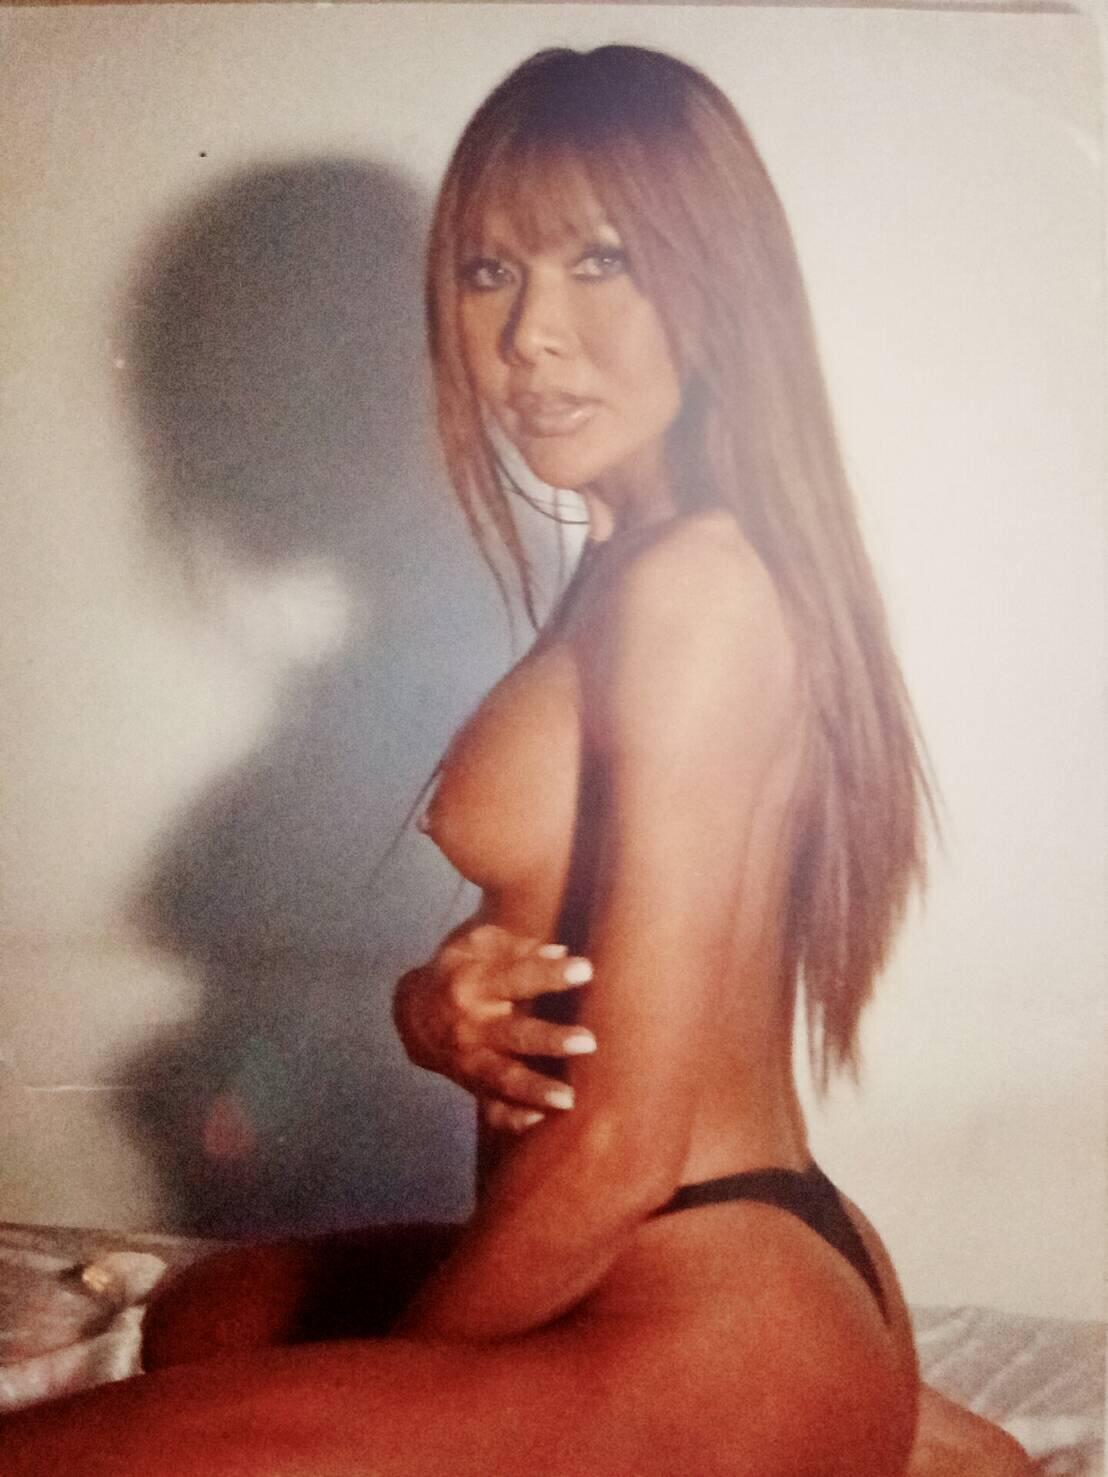 Premium Vorschaubild von TS Transe Yoko Shemale in Berlin bei Transgirls.de